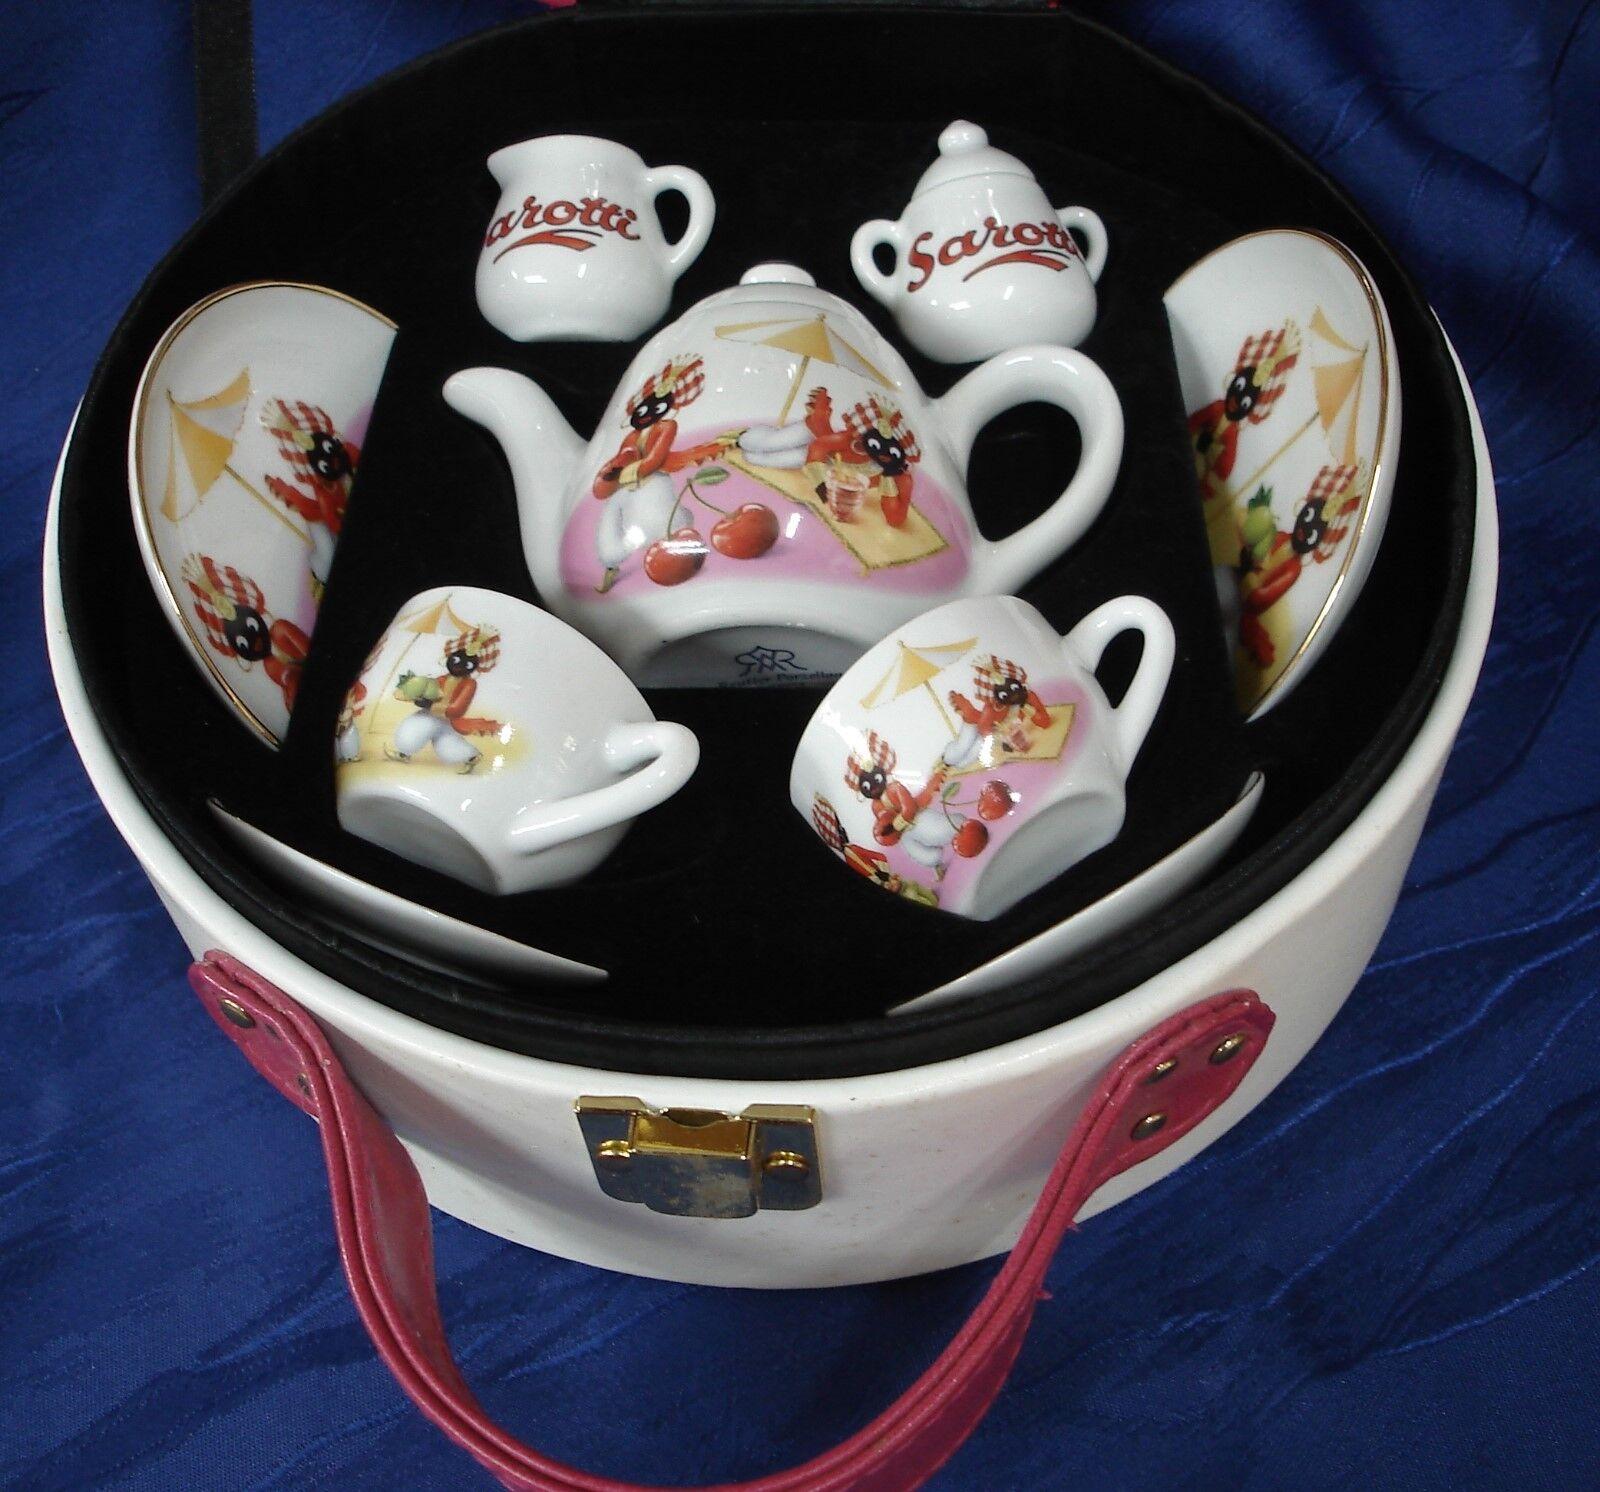 Kinder- oder Dollnpicknickbox Sarottimotiv Reutter Porzellan